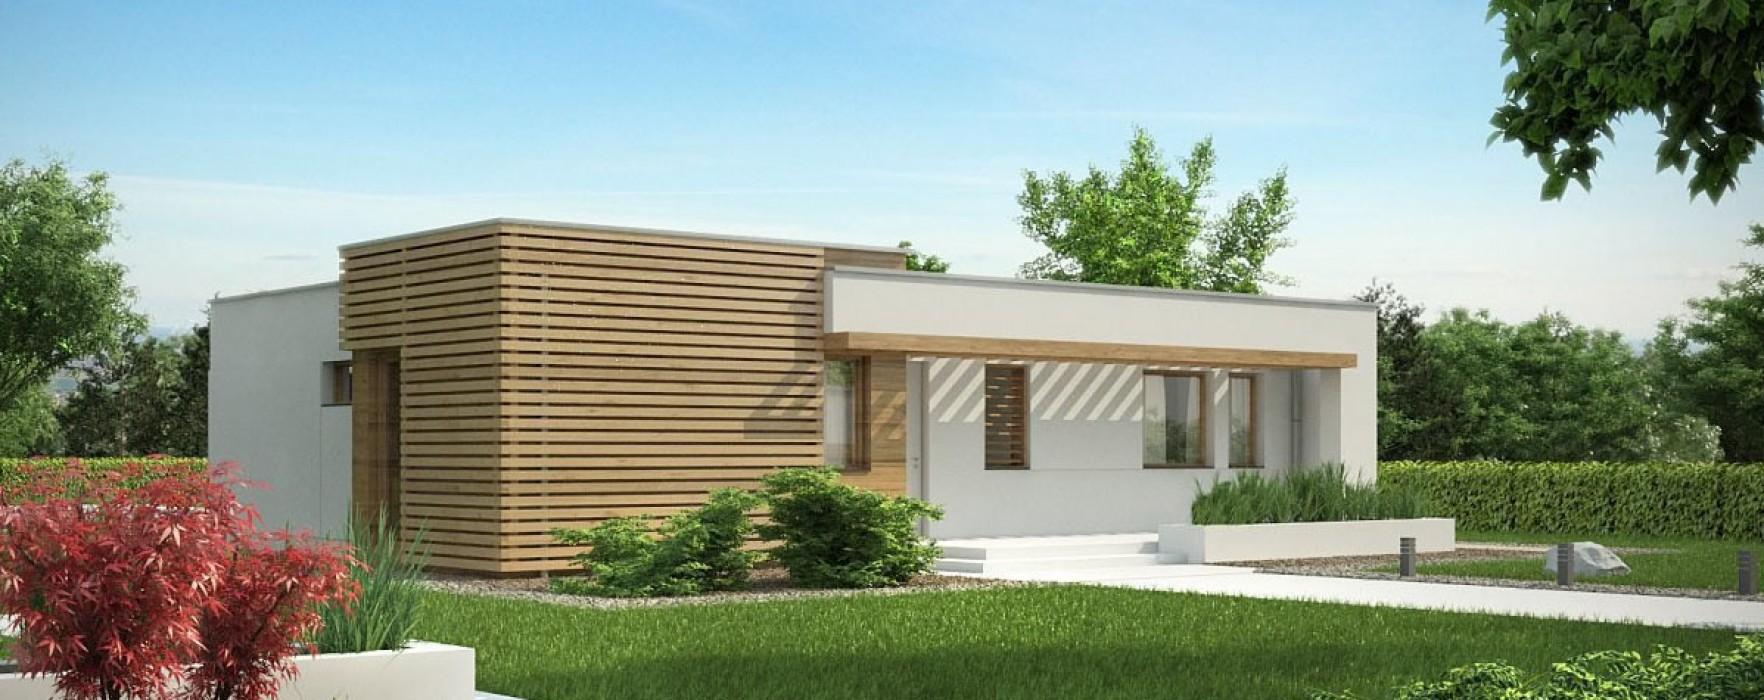 Costruzioni in bioedilizia e fasce di rispetto for Permessi per case in legno